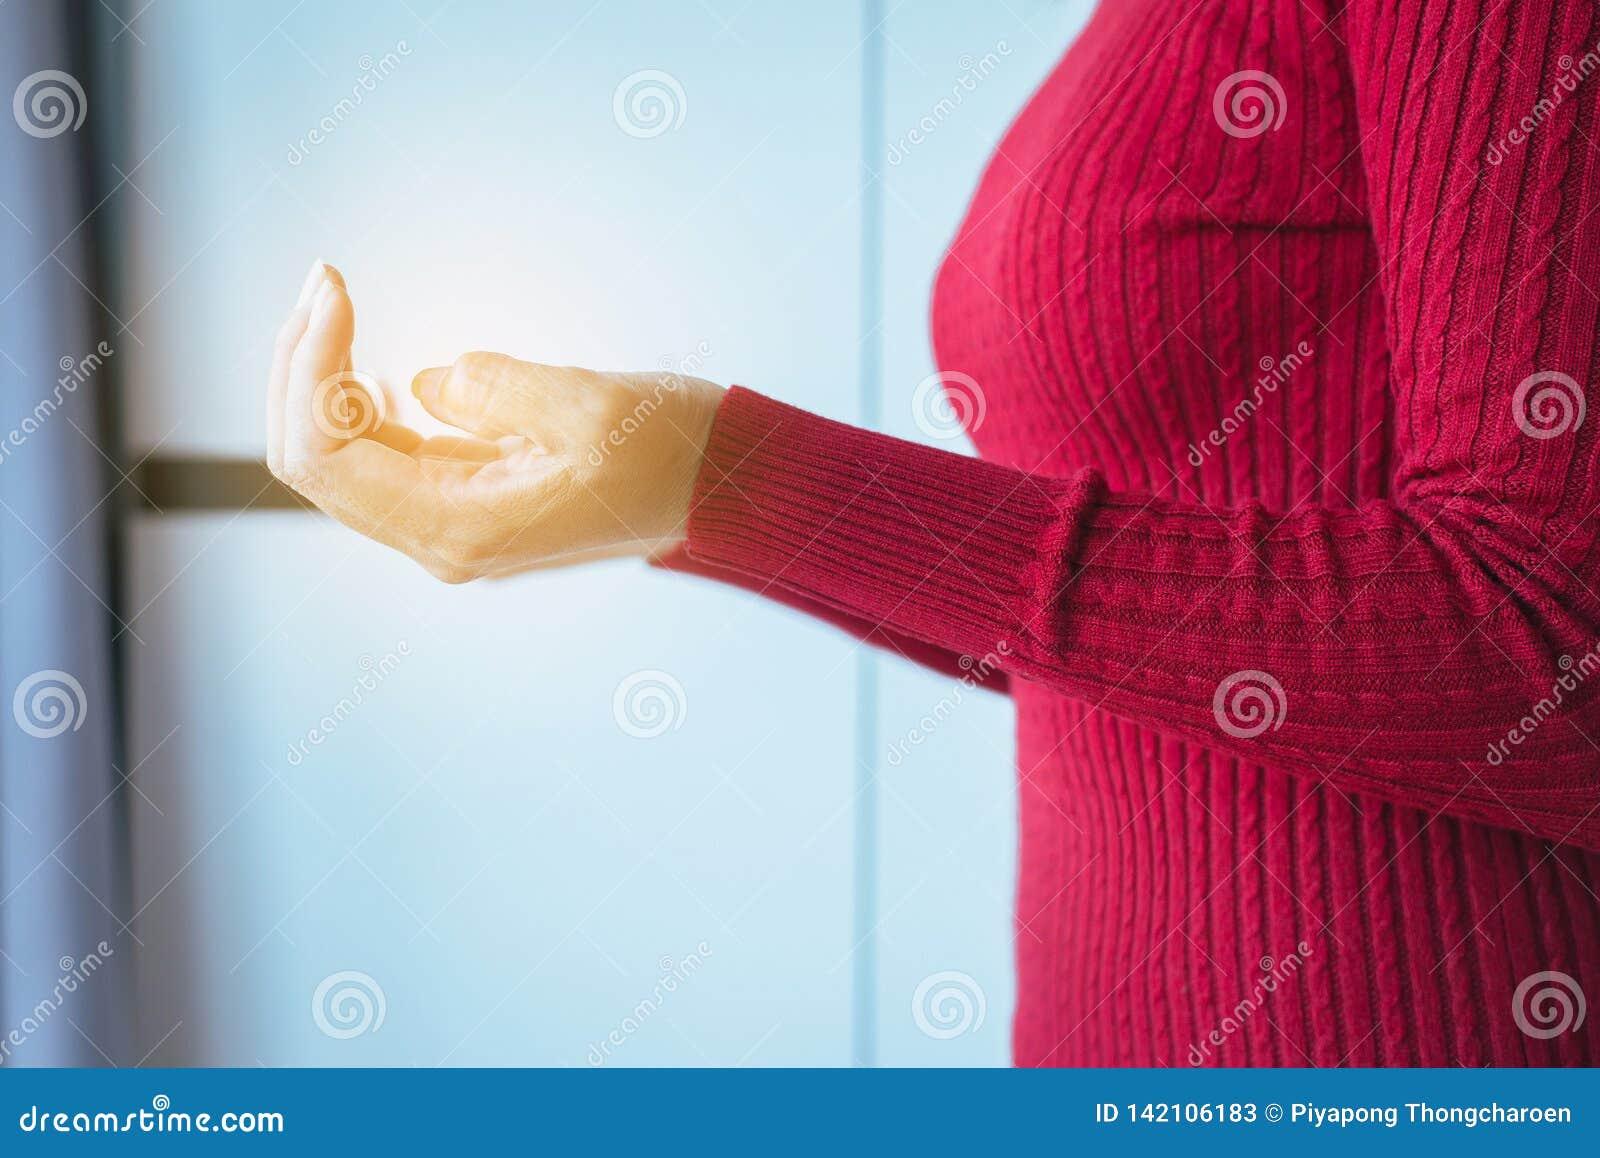 Οι γυναίκες χεριών με την επίκληση της θέσης, θηλυκά χέρια προσευχής για κάτι, κλείνουν επάνω